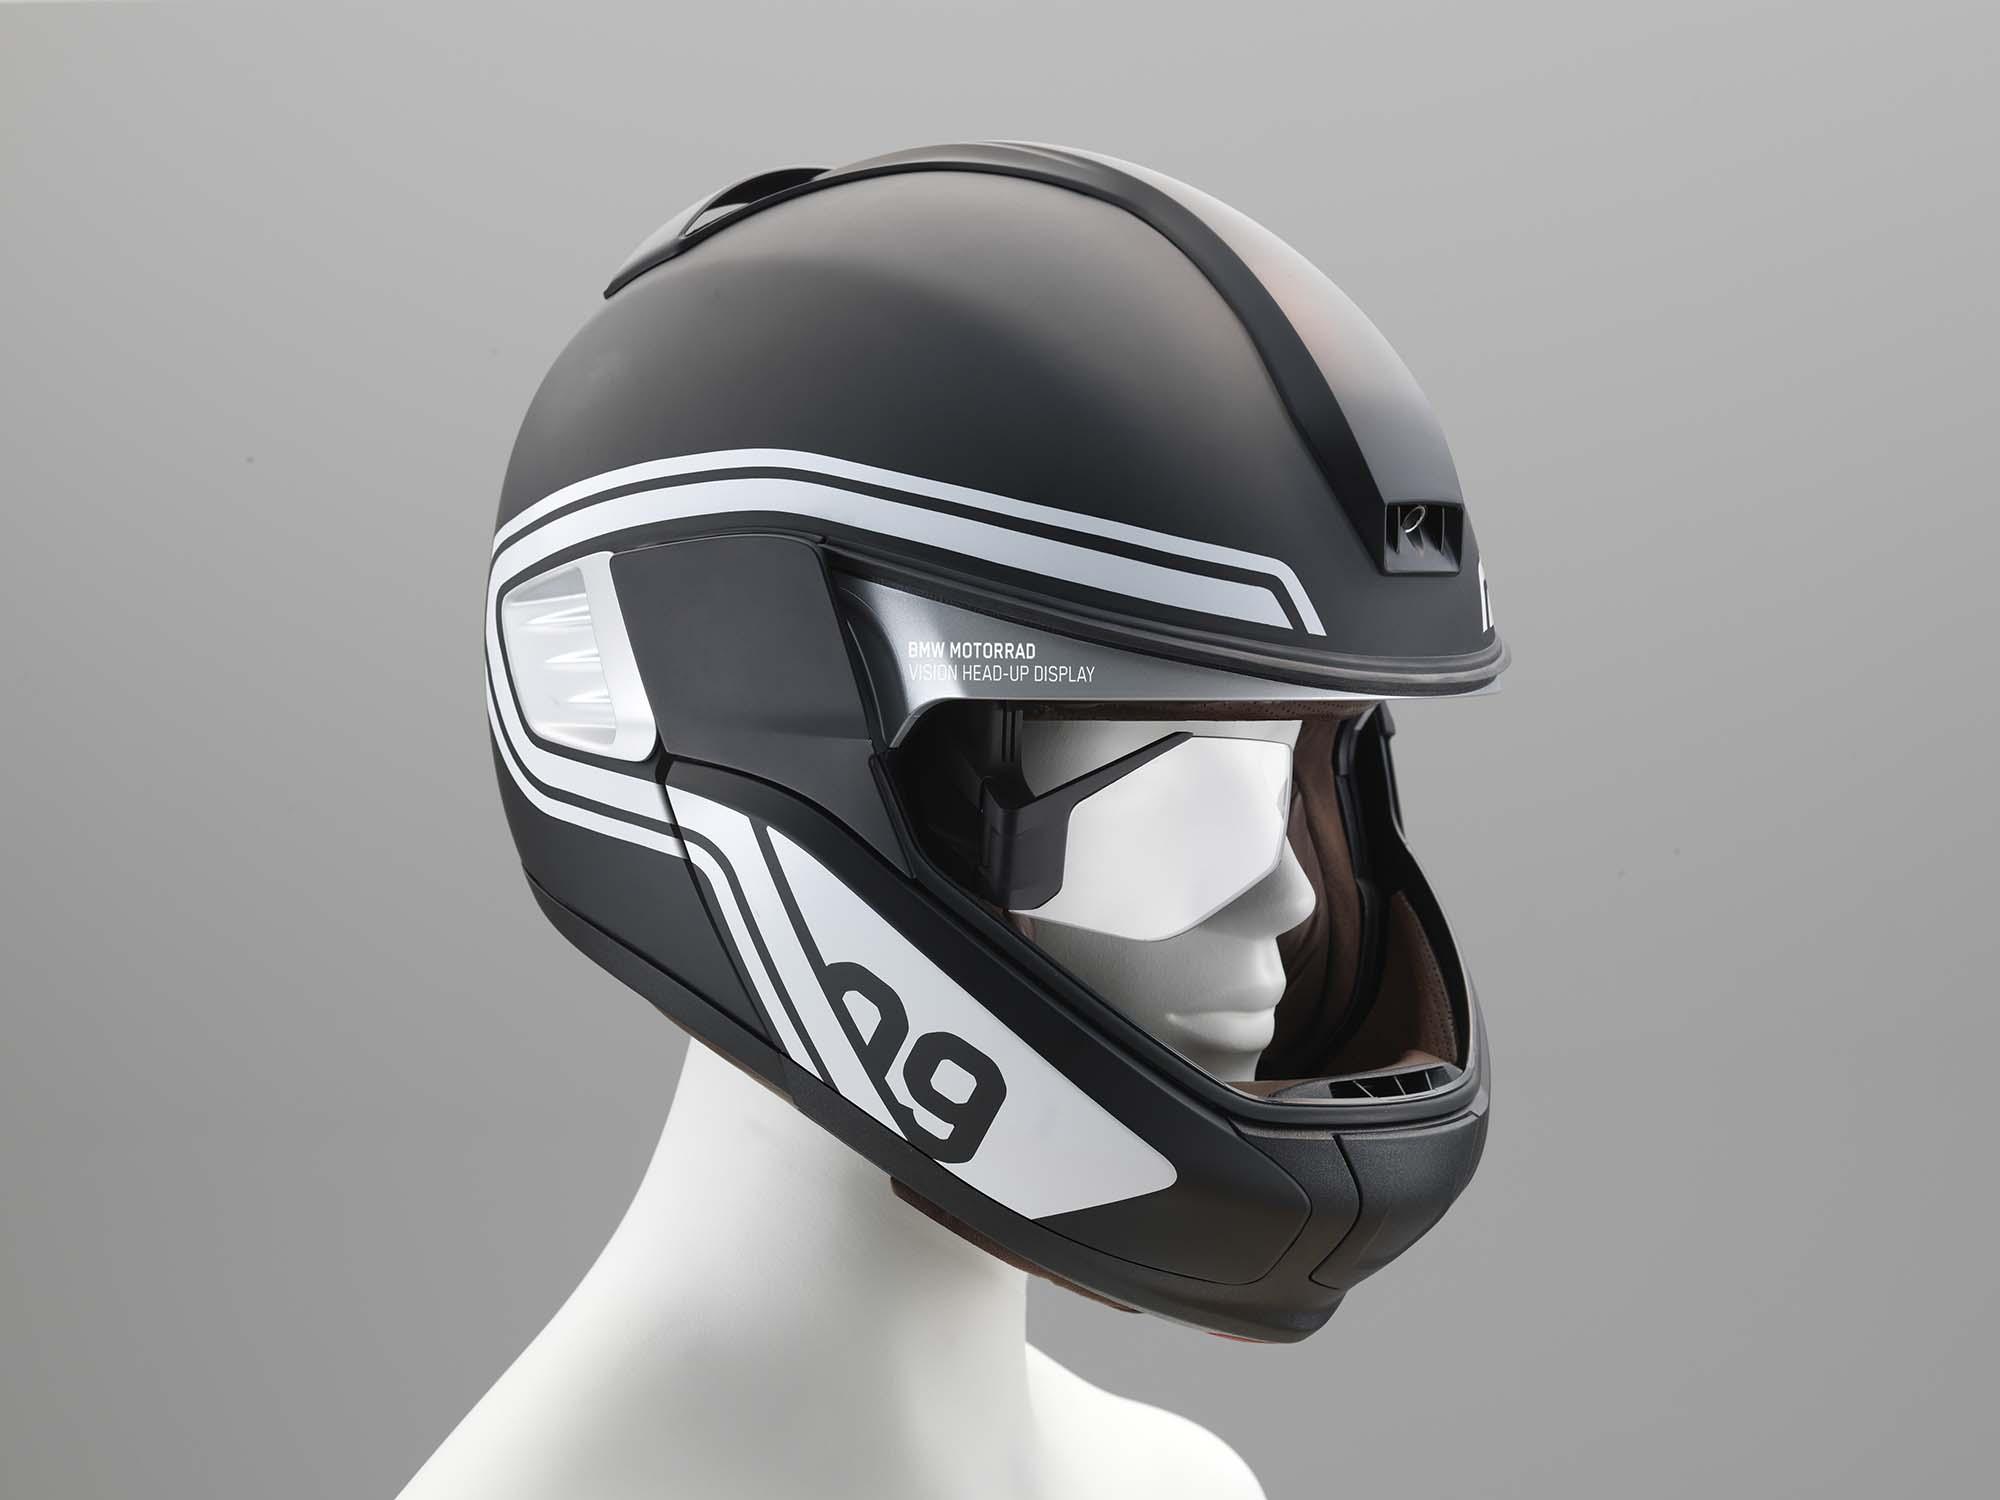 bmw developing hud motorcycle helmet. Black Bedroom Furniture Sets. Home Design Ideas